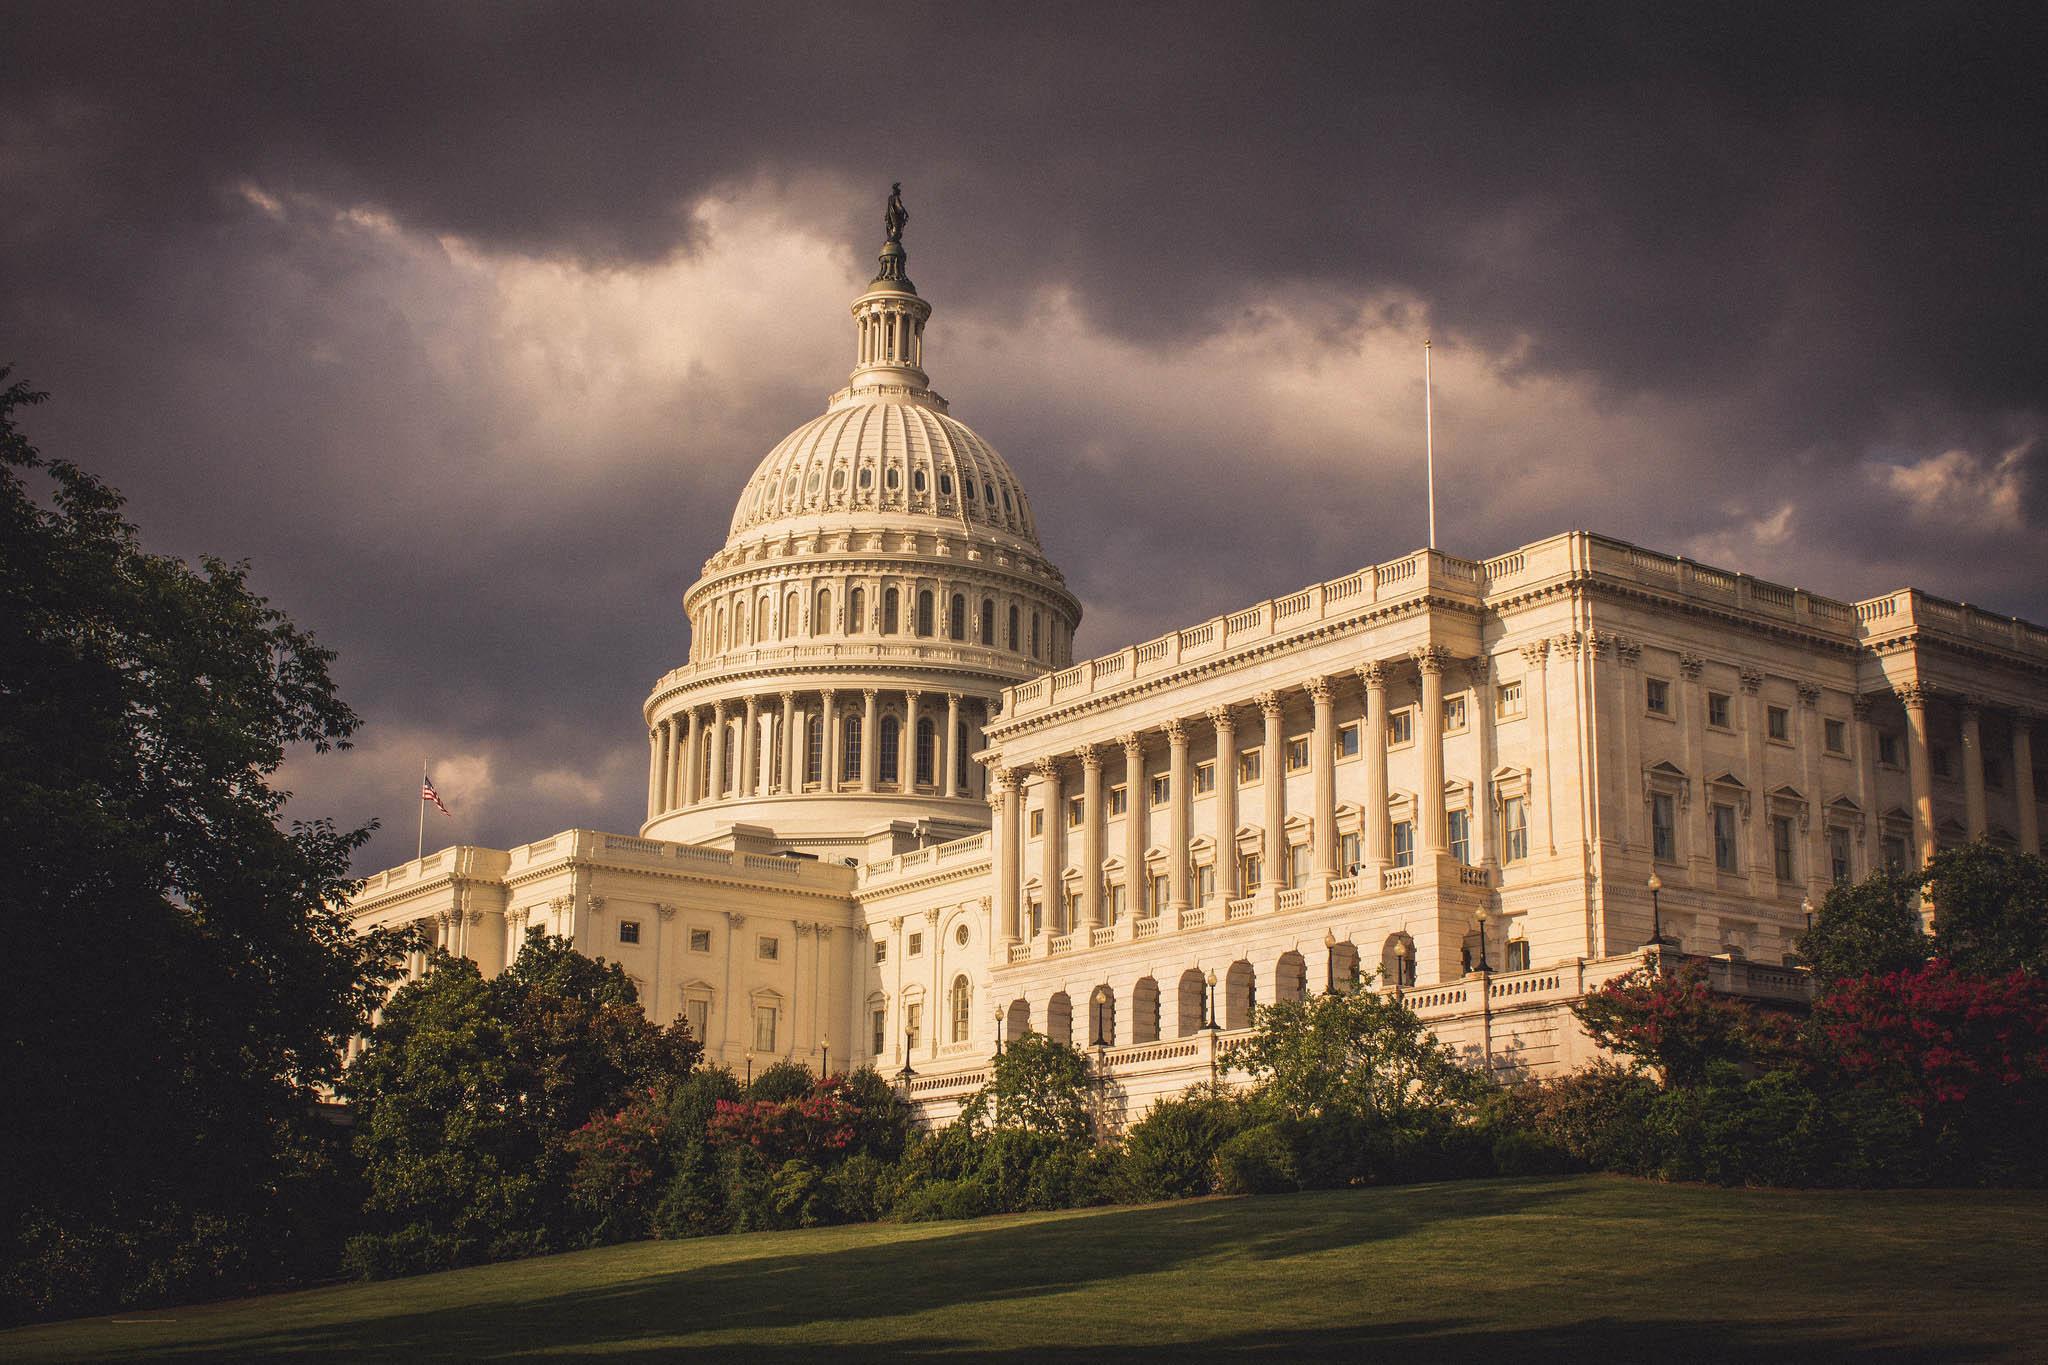 Adam Smith - US Capitol